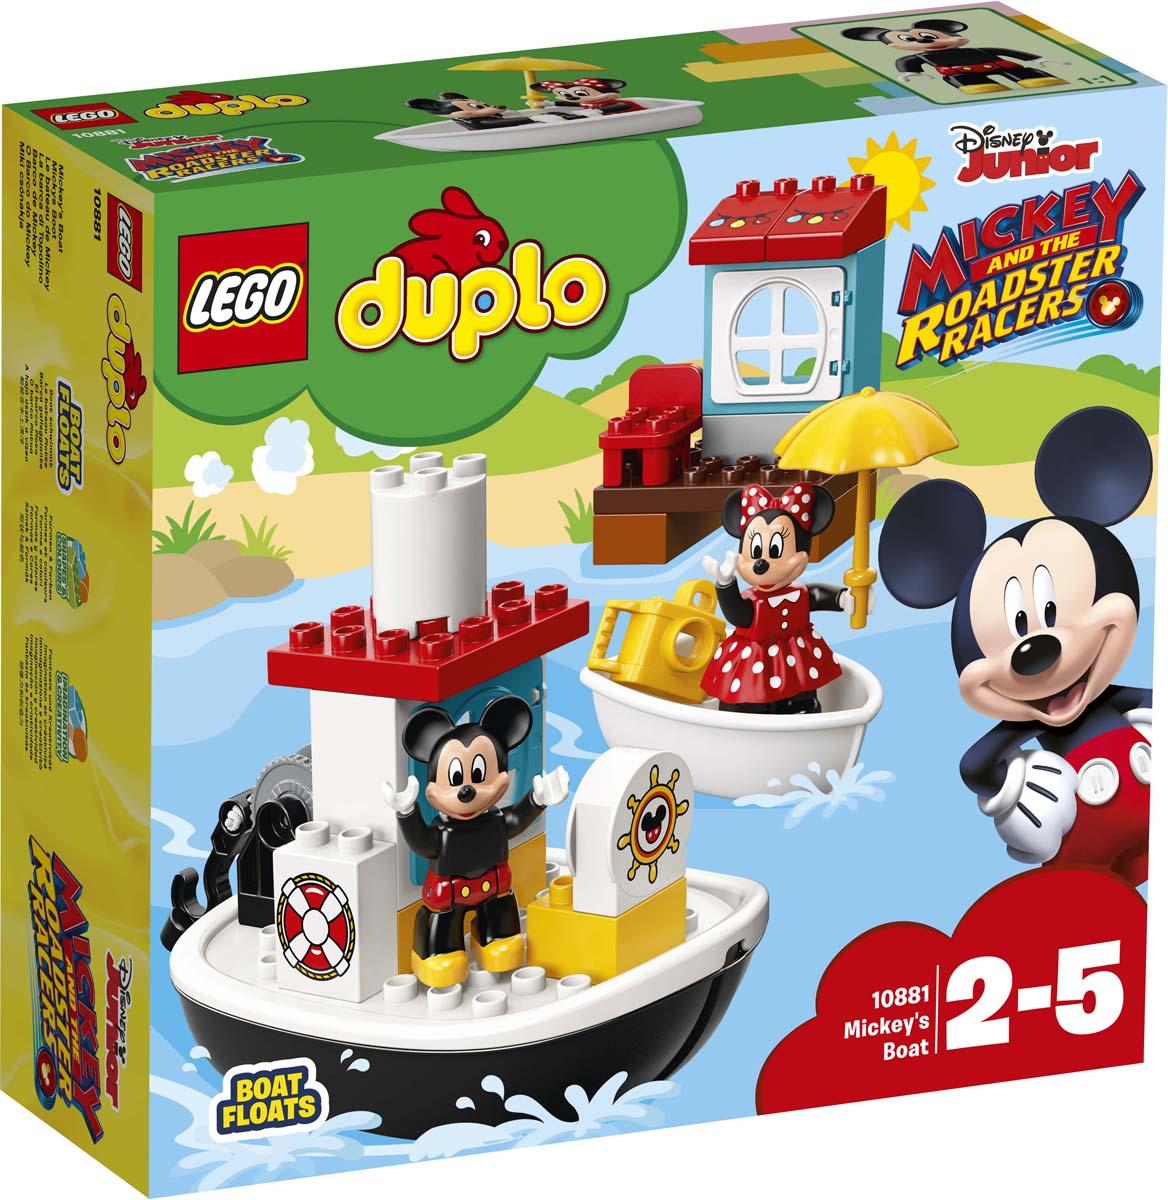 LEGO DUPLO Disney 10881 Катер Микки Конструктор disney блокнот микки маус ты лучше всех 60 листов